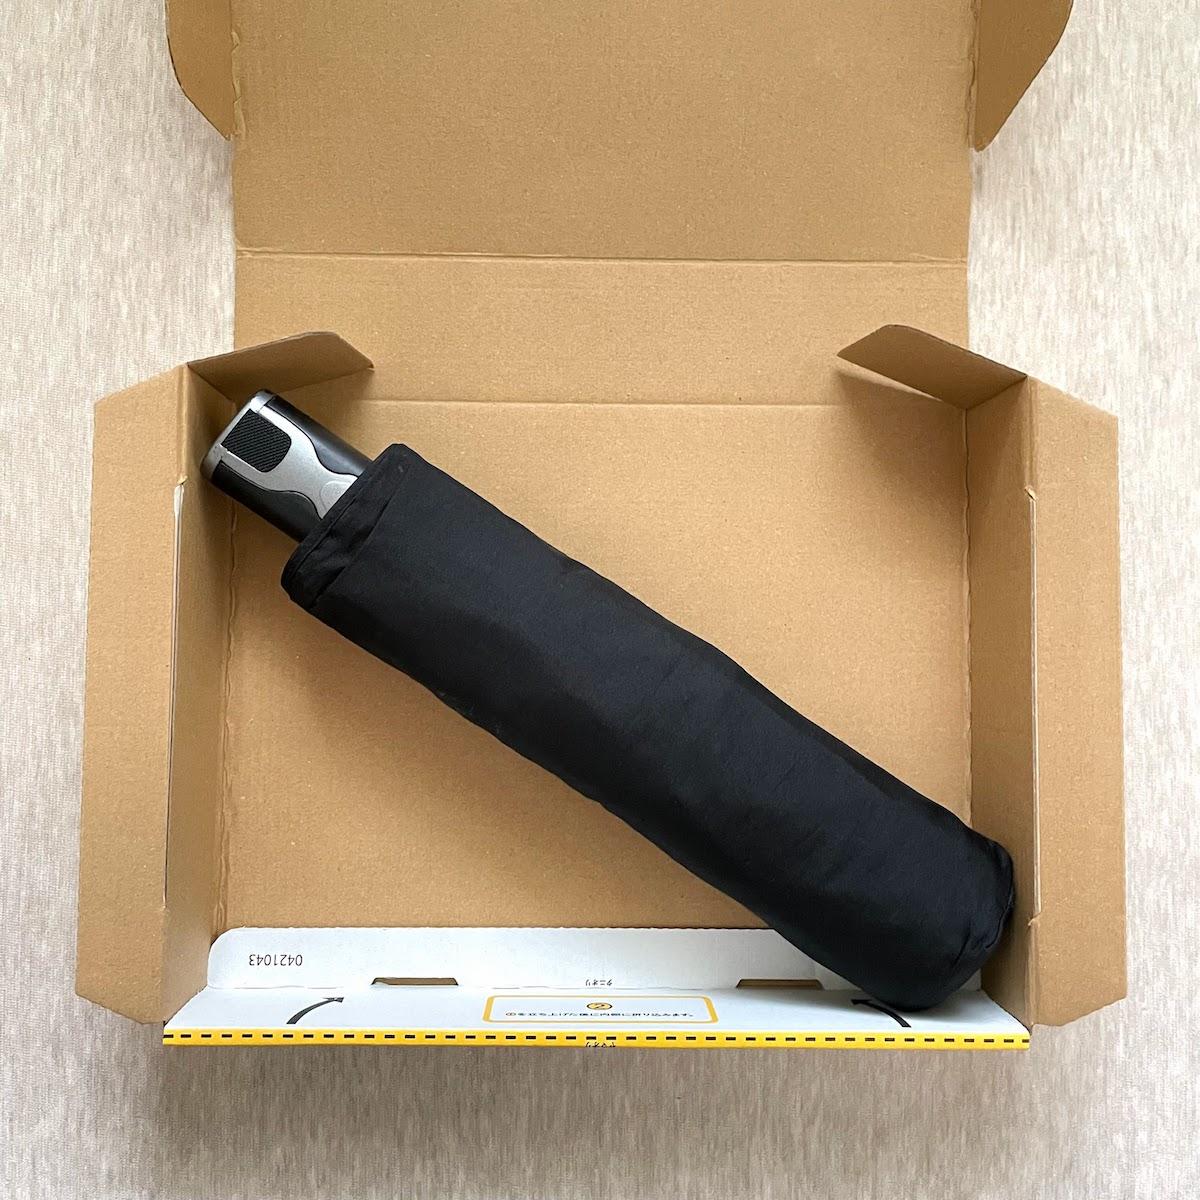 宅急便コンパクト専用BOXの対角線の長さ2